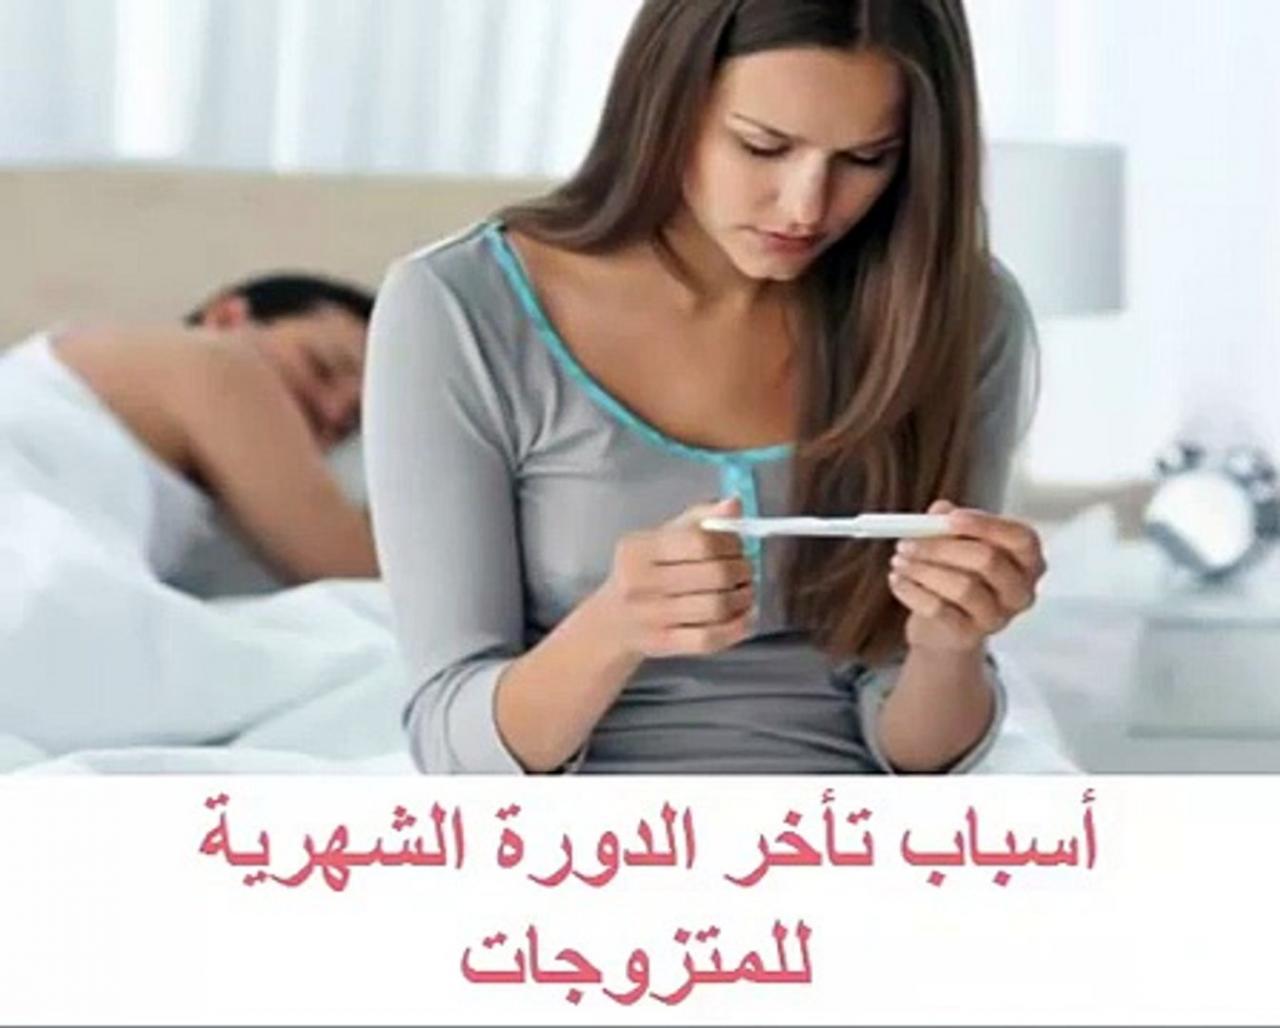 صورة اسباب تاخر العادة الشهرية عند المراة المتزوجة , تعرفي اذا كنتي حامل ام تاخرها سبب اخر